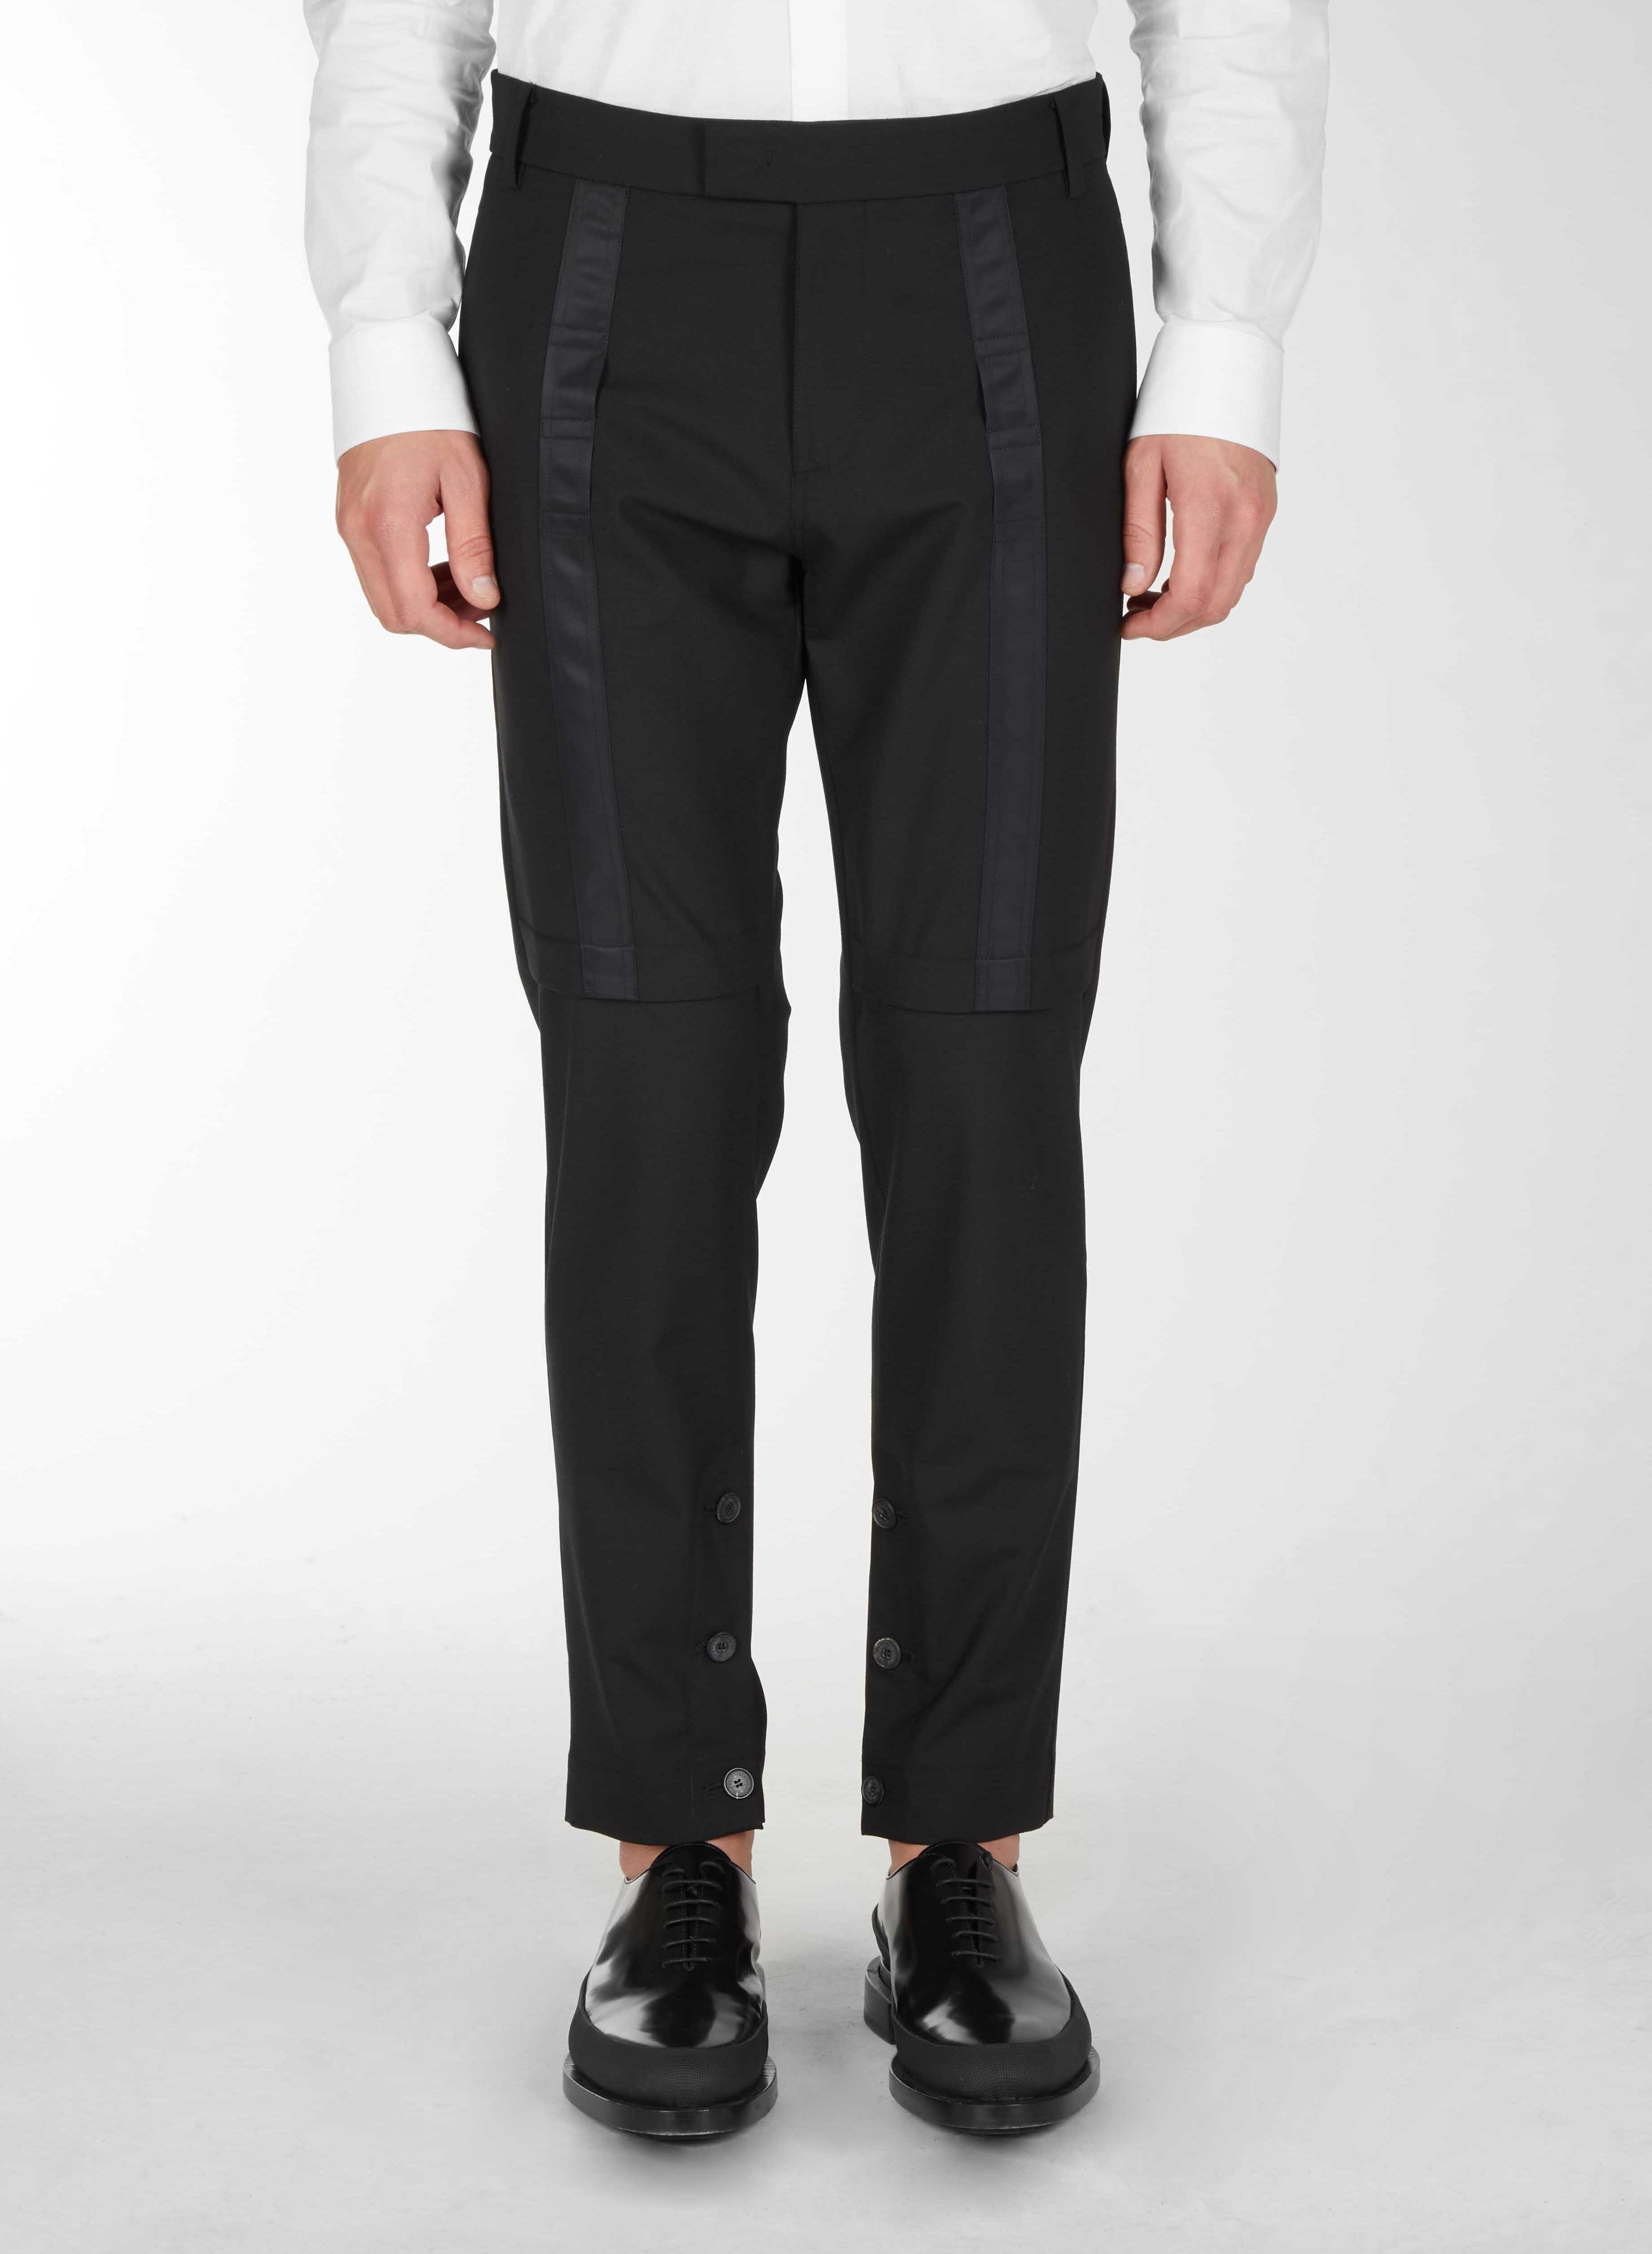 Pantaloni Classici Con Applicazione Frontale - Les Hommes